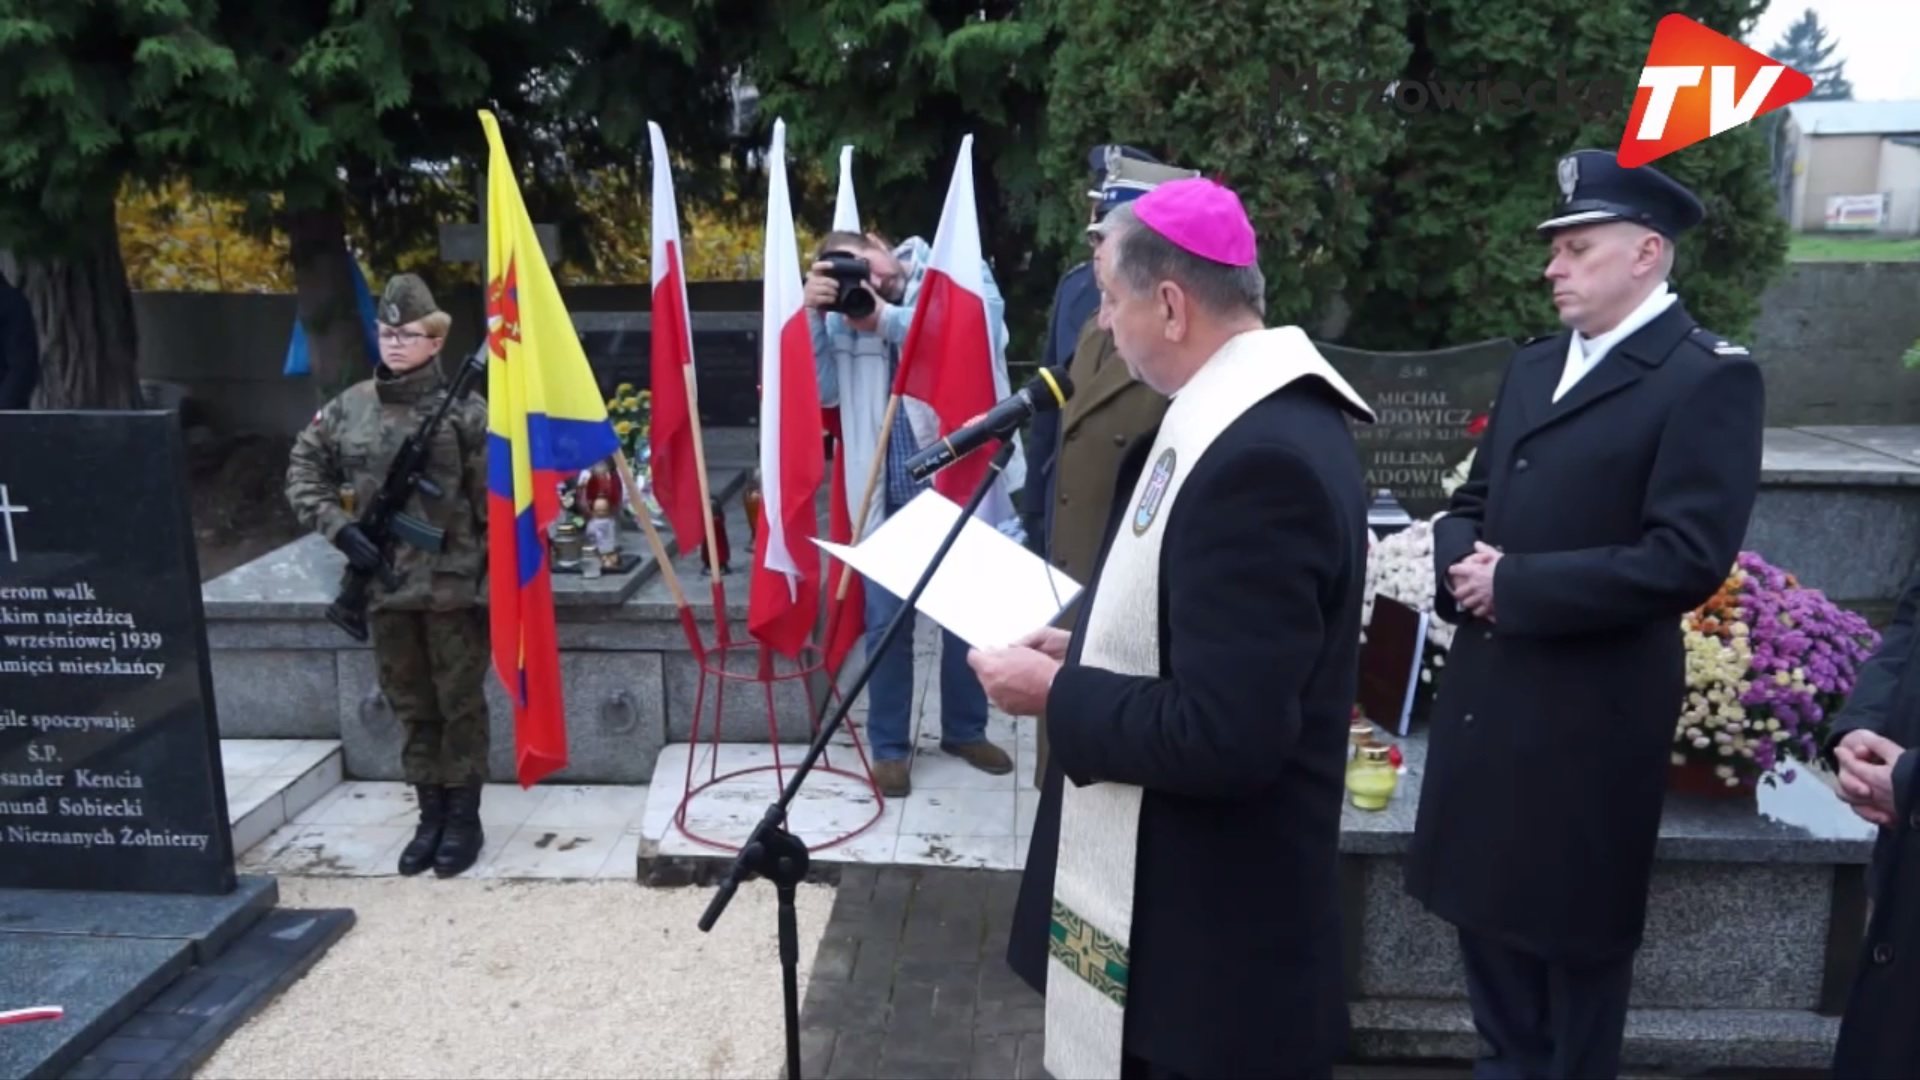 Odsłonięcie Pomnika Ku Czci Poległych Żołnierzy kampanii wrześniowej 1939 r. w Nowym Mieście nad Pilicą